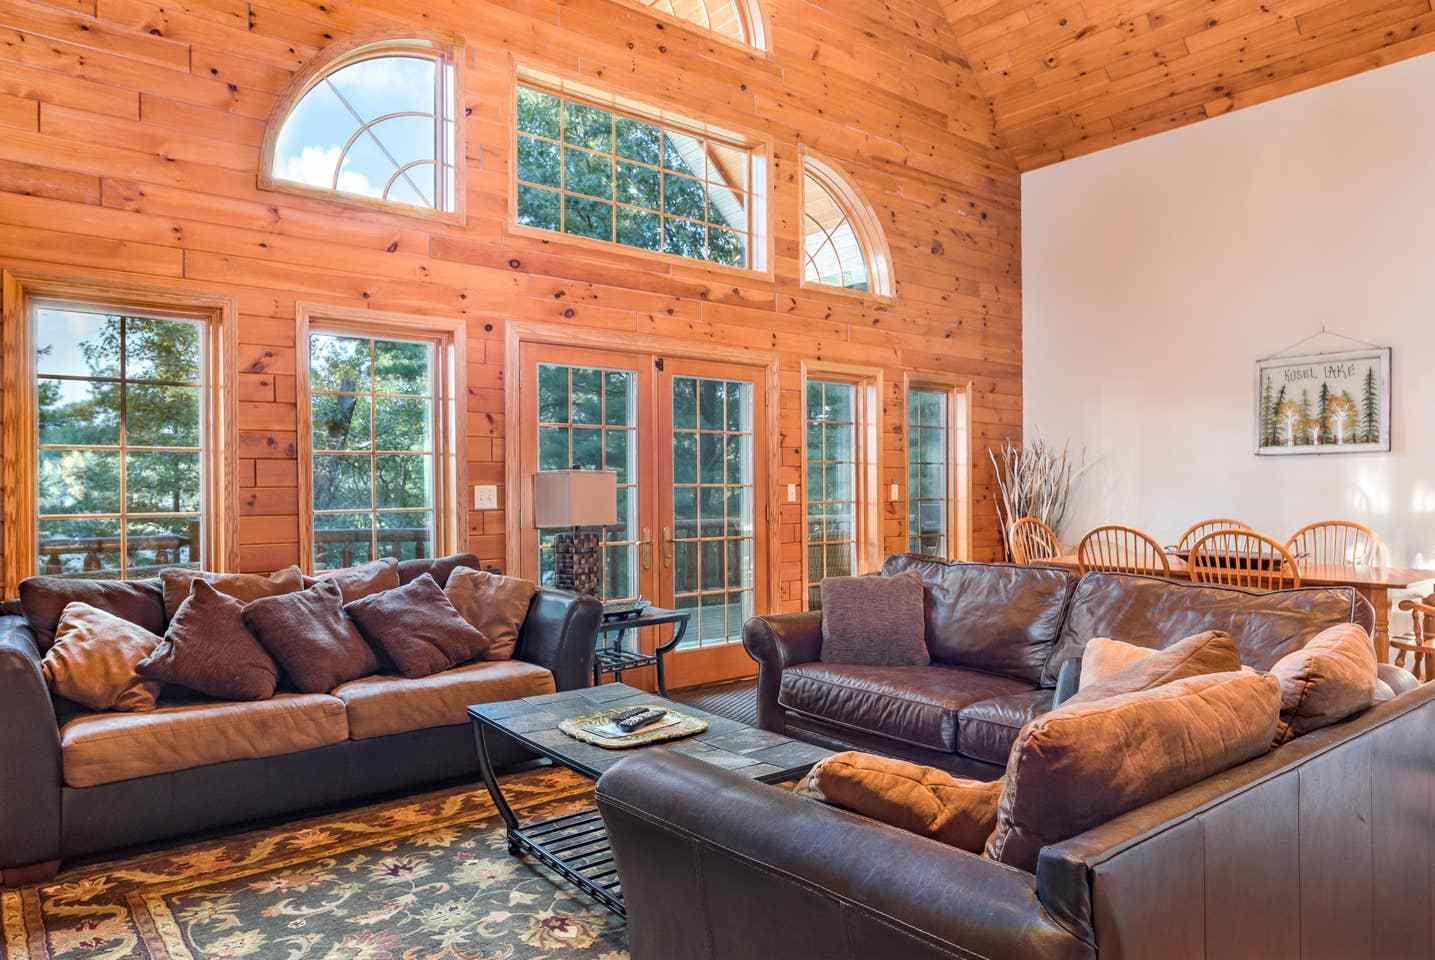 Lasting Memories Lakeside Log Lodge